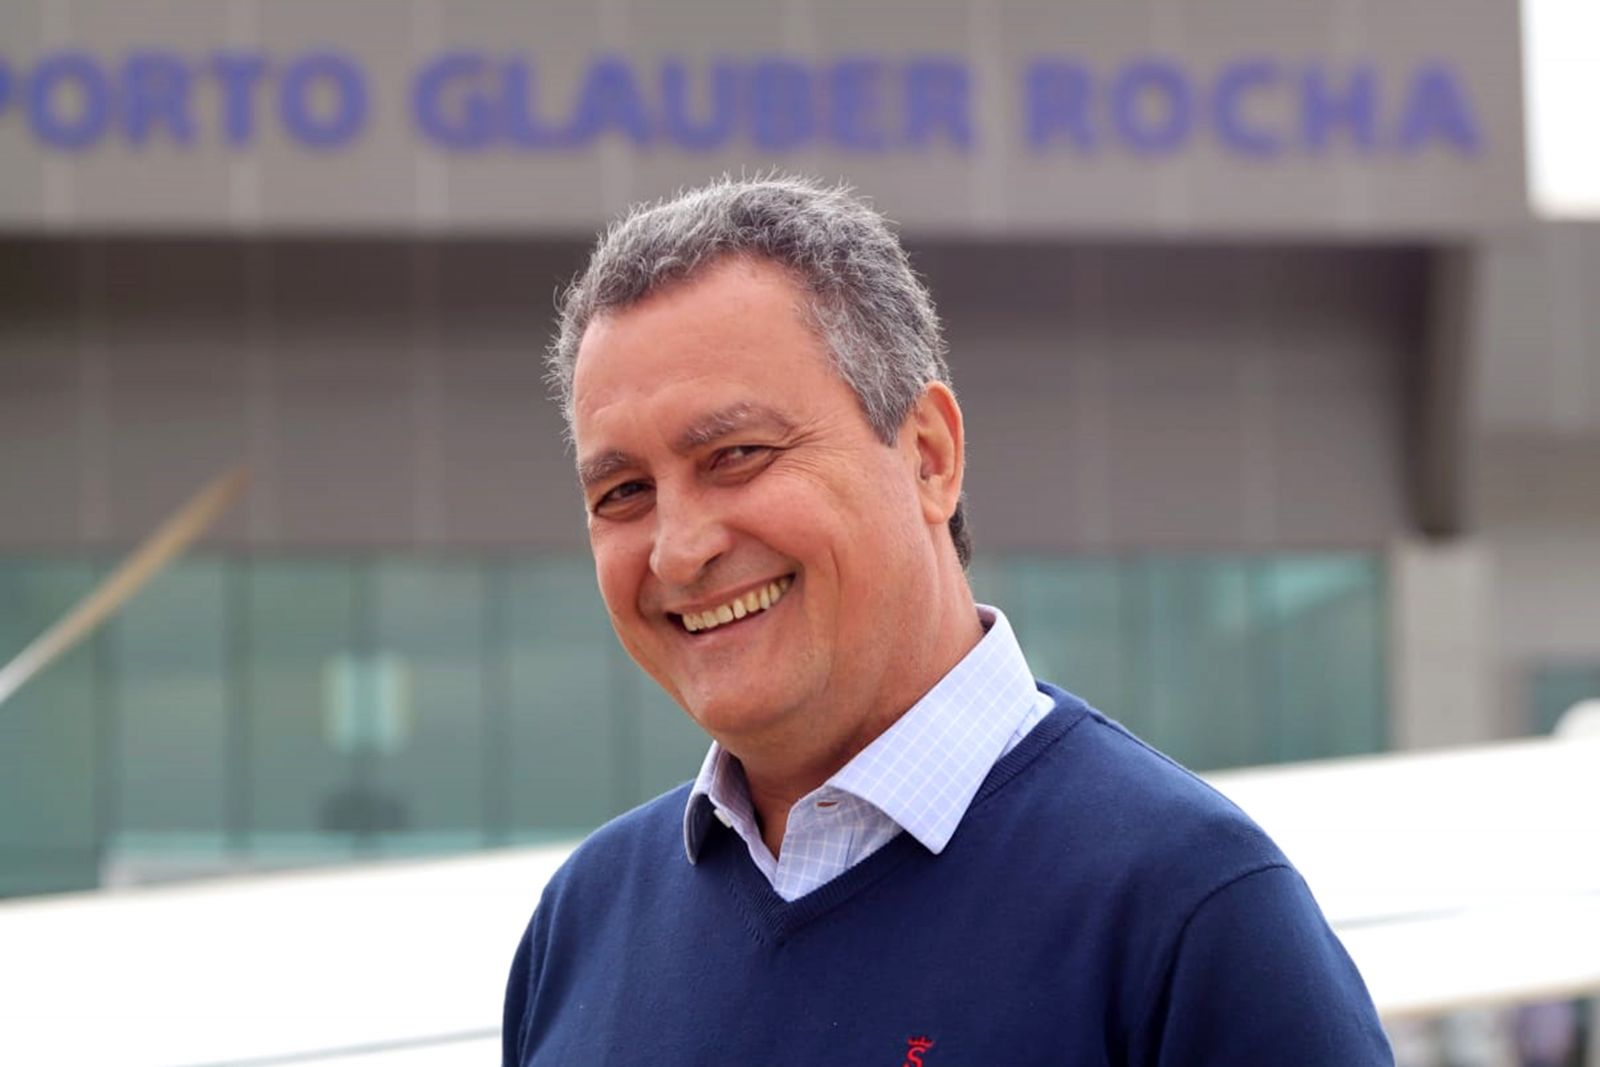 Rui Costa diz que não vai a inauguração de aeroporto com Bolsonaro: